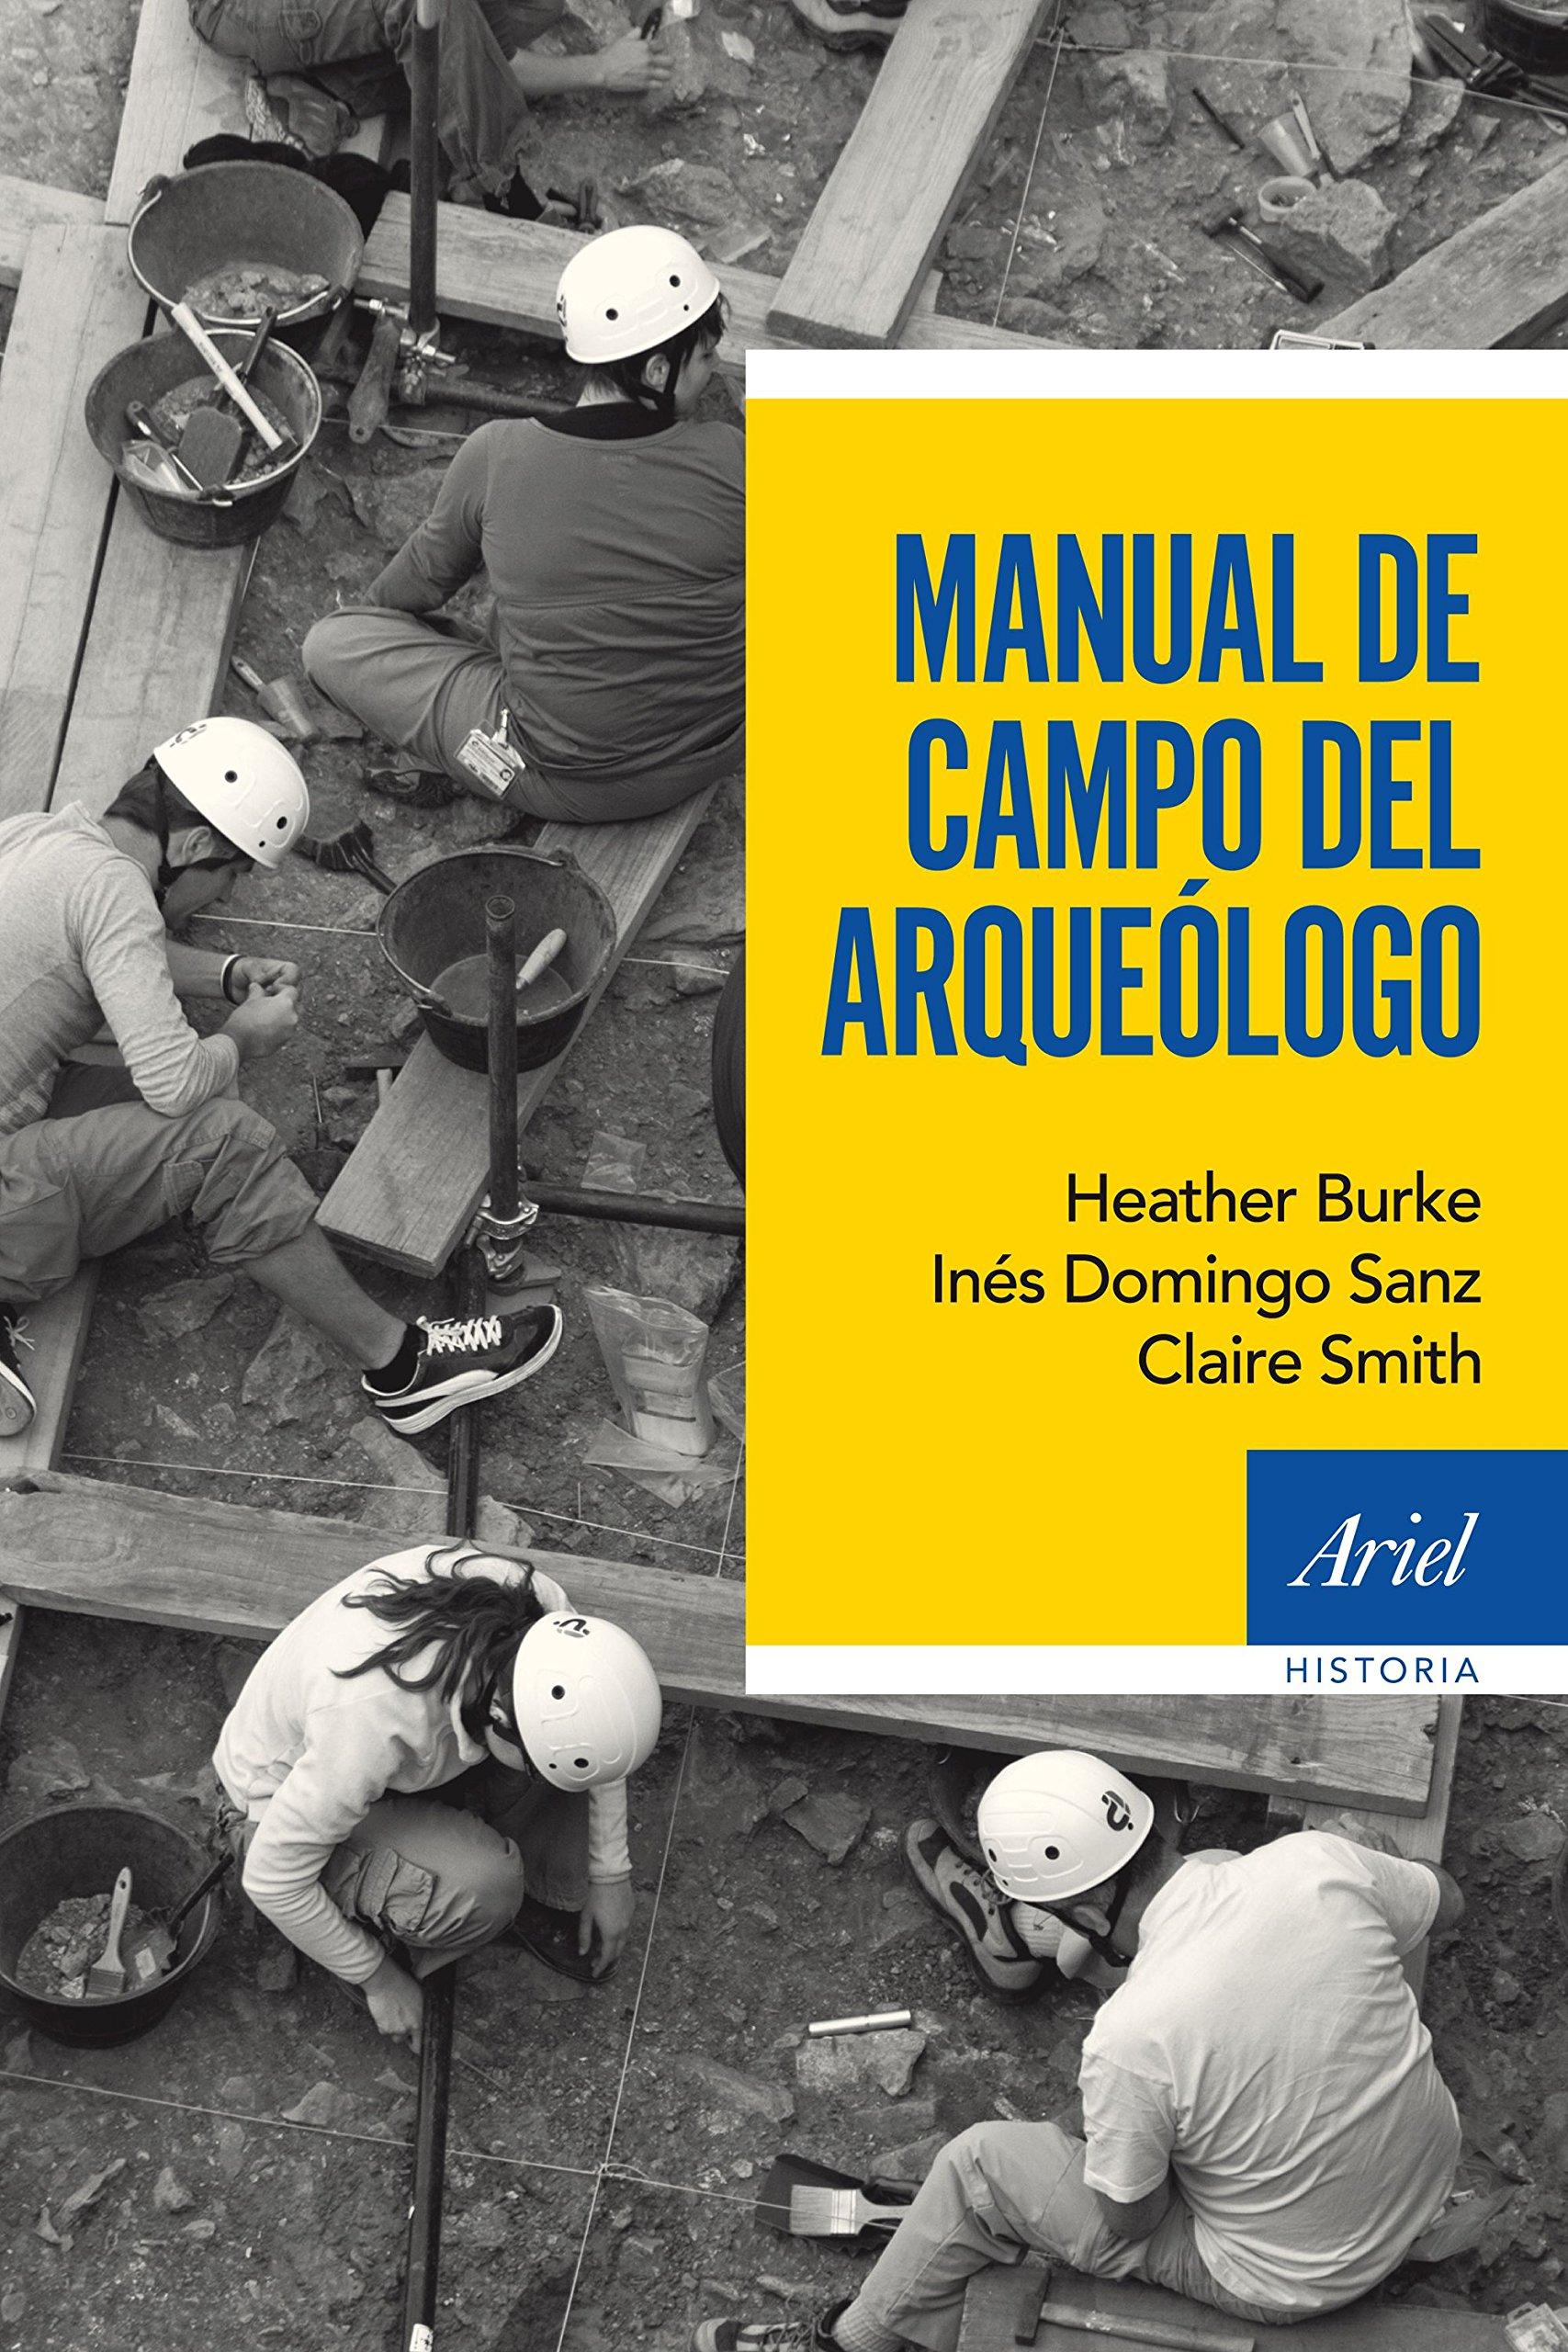 Manual de campo del arqueólogo (Ariel Historia) Tapa blanda – 17 sep 2015 Inés Domingo Sanz Heather Burke Claire Smith Editorial Ariel